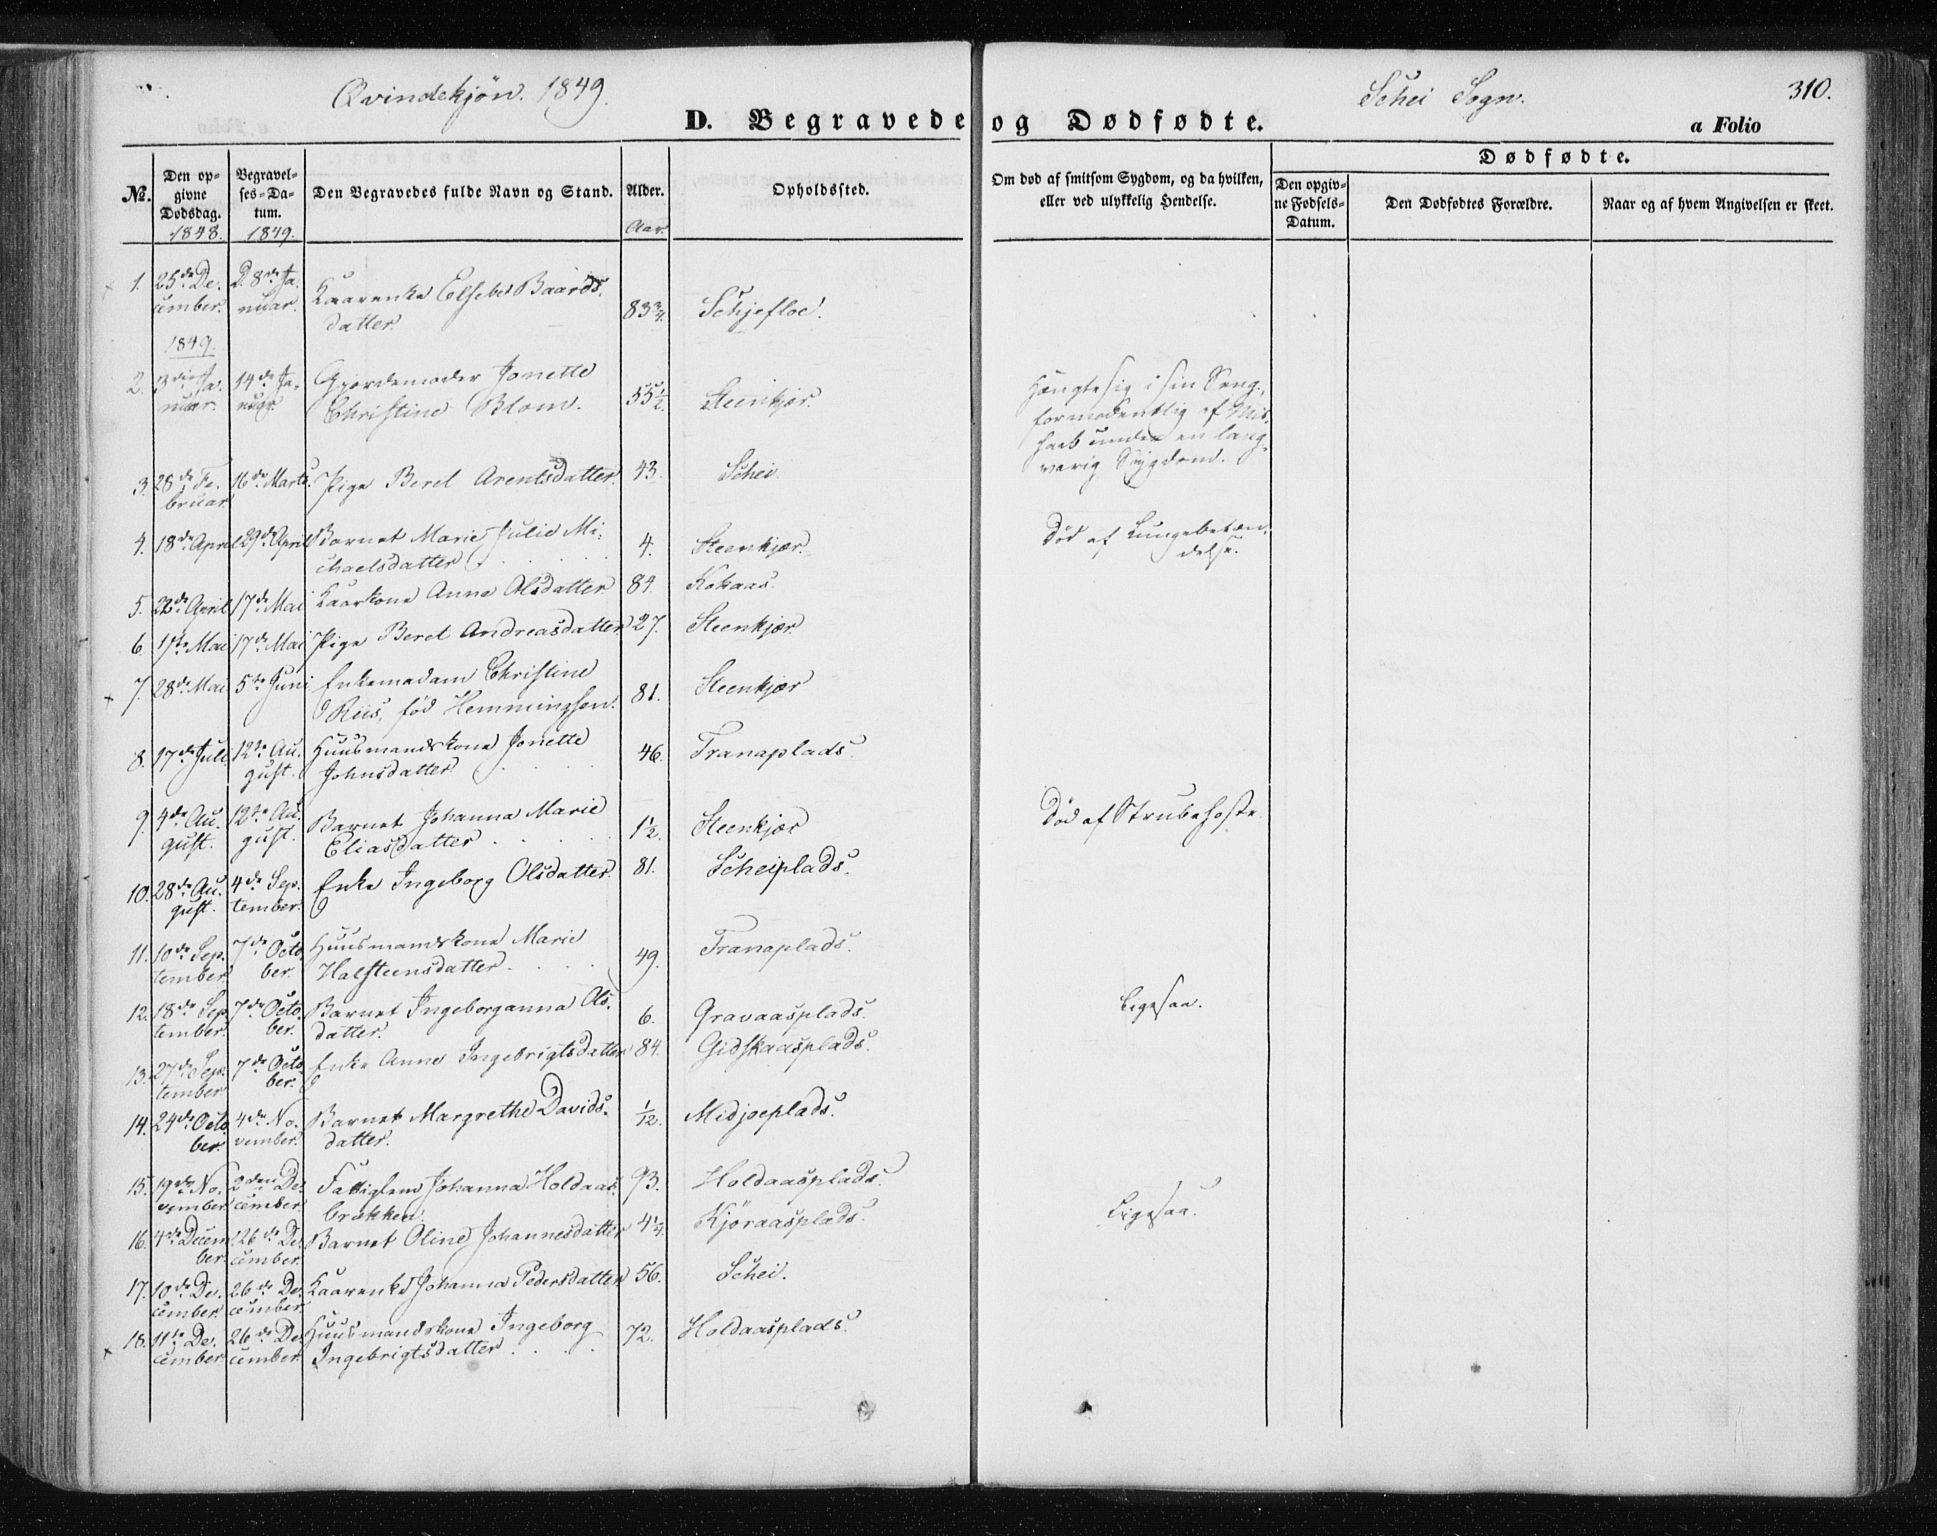 SAT, Ministerialprotokoller, klokkerbøker og fødselsregistre - Nord-Trøndelag, 735/L0342: Parish register (official) no. 735A07 /2, 1849-1862, p. 310